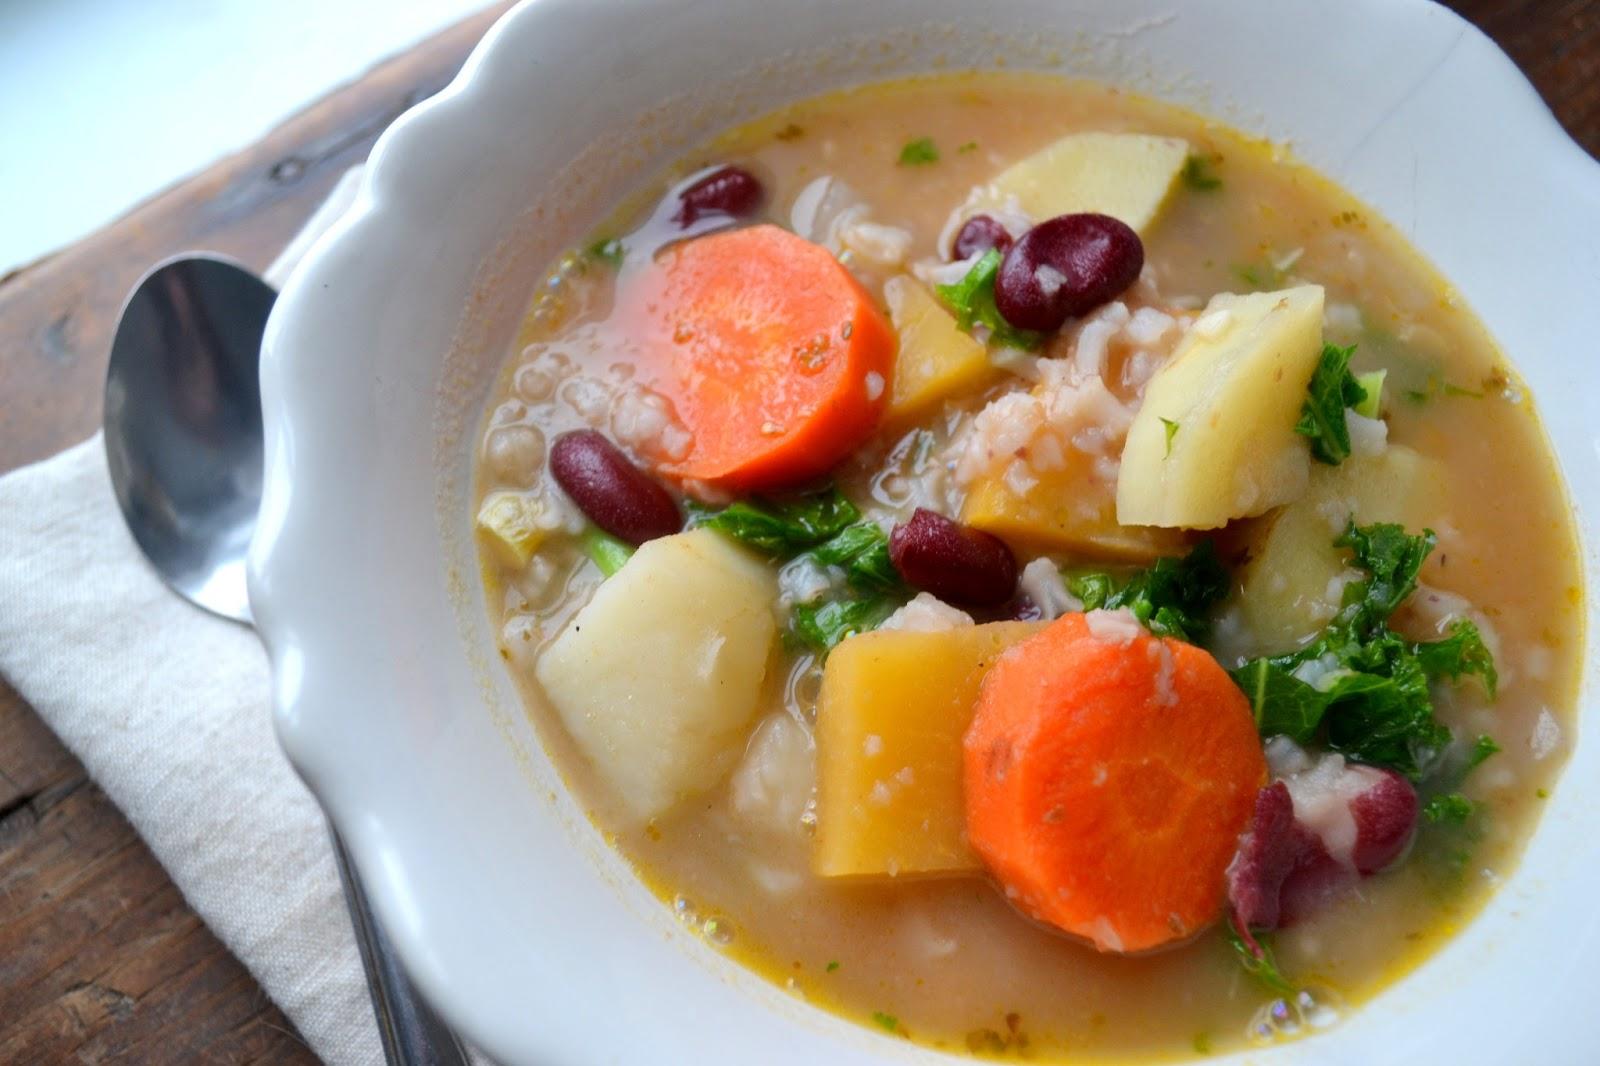 Kirsten's Kitchen: of vegan creations: Root vegetable soup